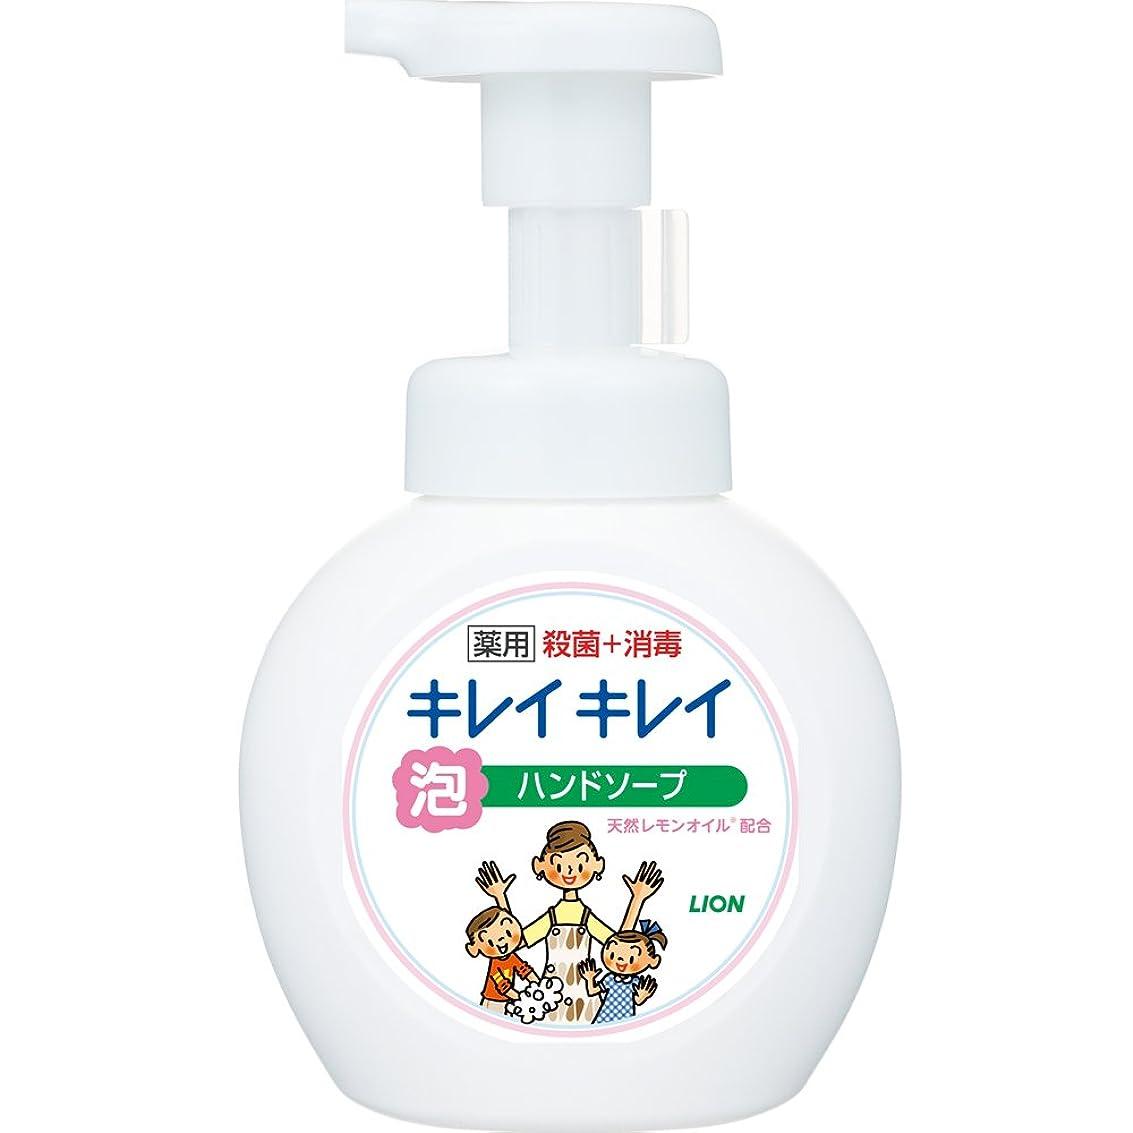 権威差し引くテンポキレイキレイ 薬用 泡ハンドソープ シトラスフルーティの香り 本体ポンプ 250ml(医薬部外品)